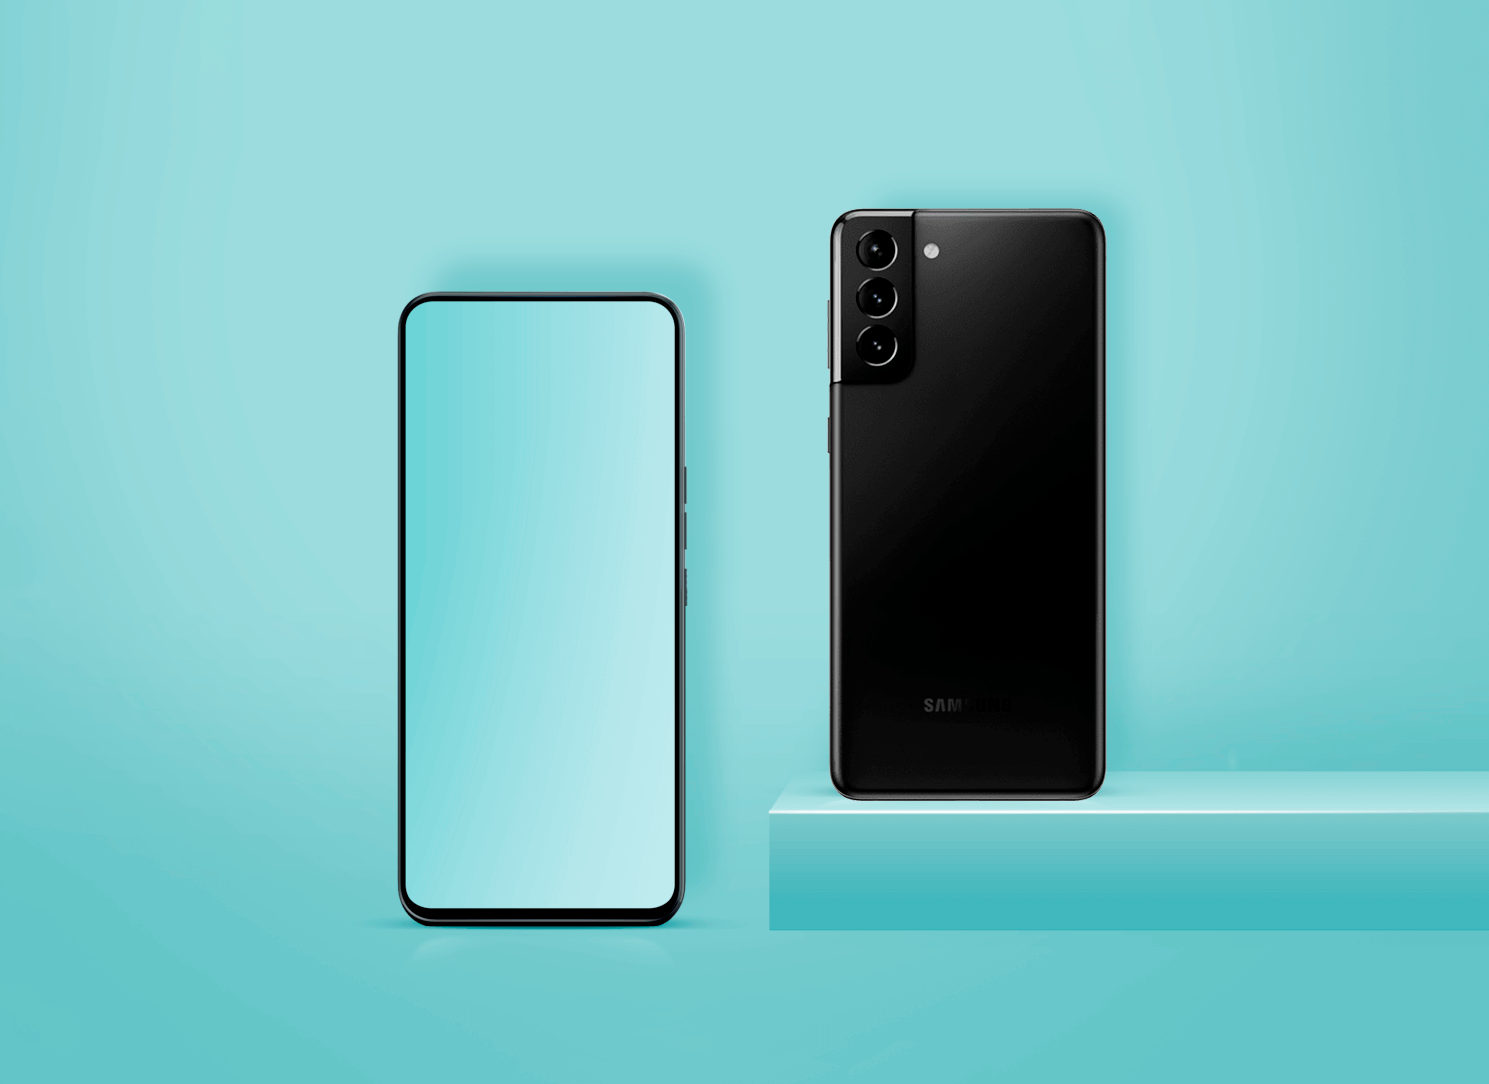 El primer Samsung con cámara invisible llegará a finales de 2021